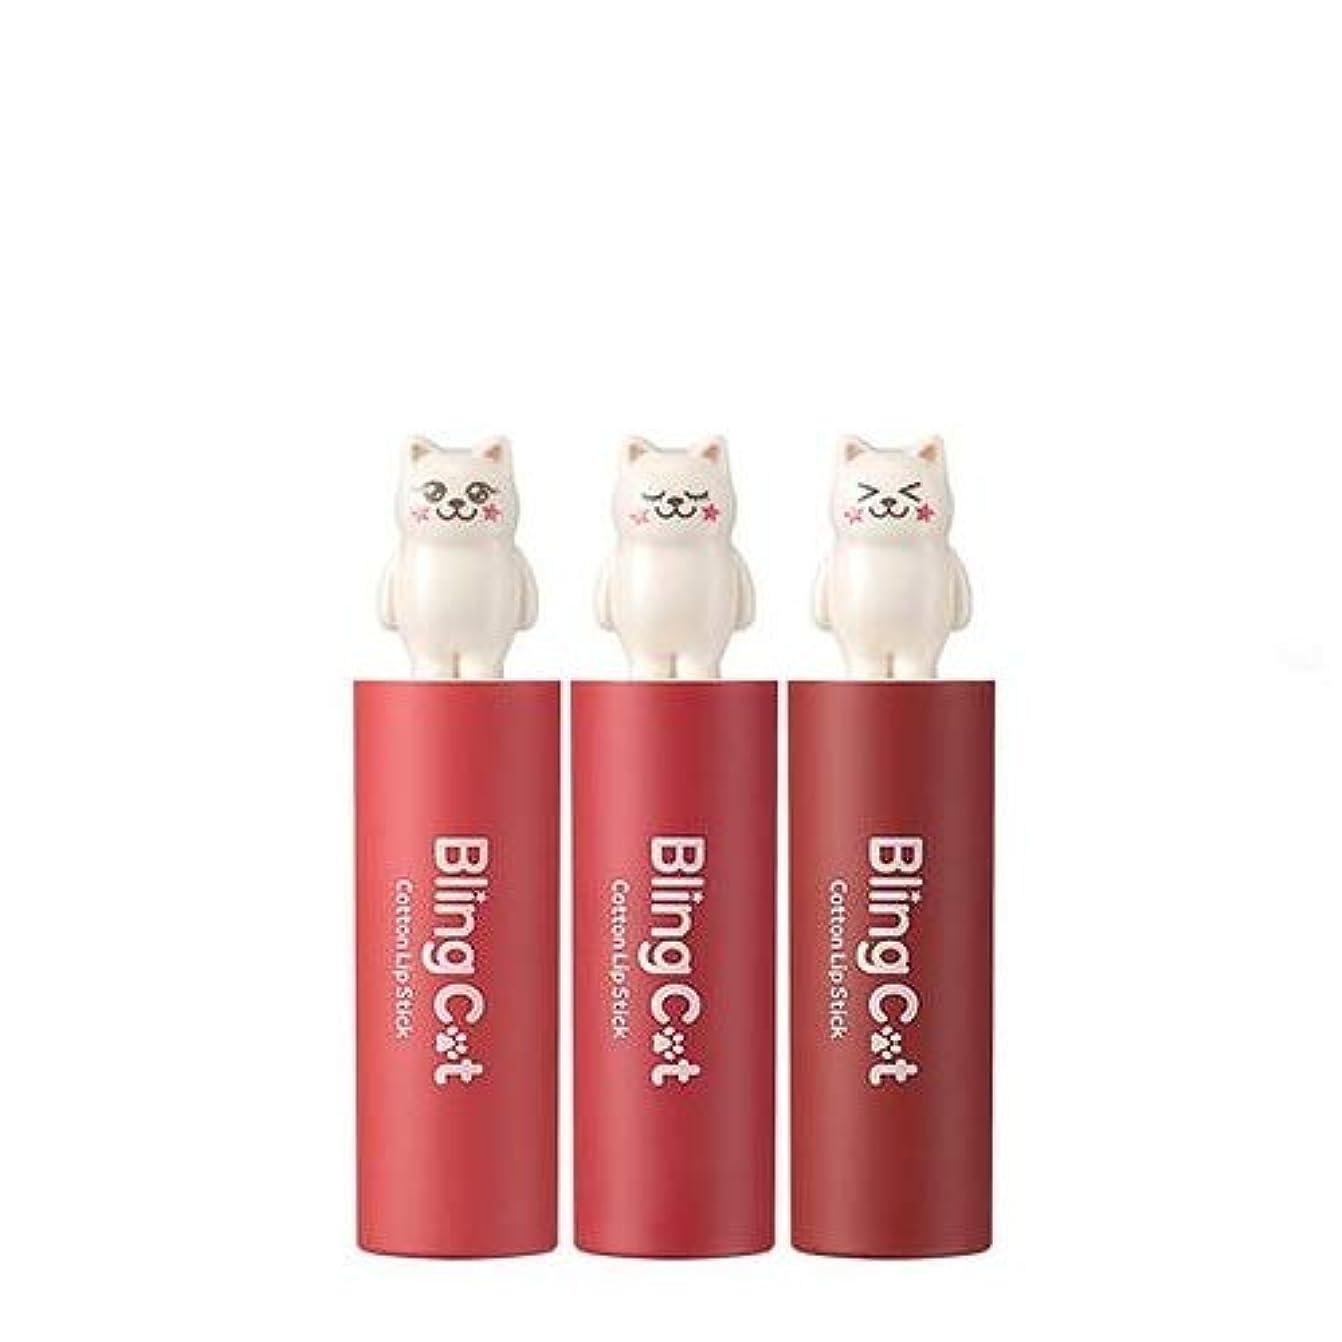 どれ持参説教トニーモリー ブリングキャット コットン リップスティック 3.4g / TONYMOLY Bling Cat Cotton Lipstick # 08. Femme Love [並行輸入品]